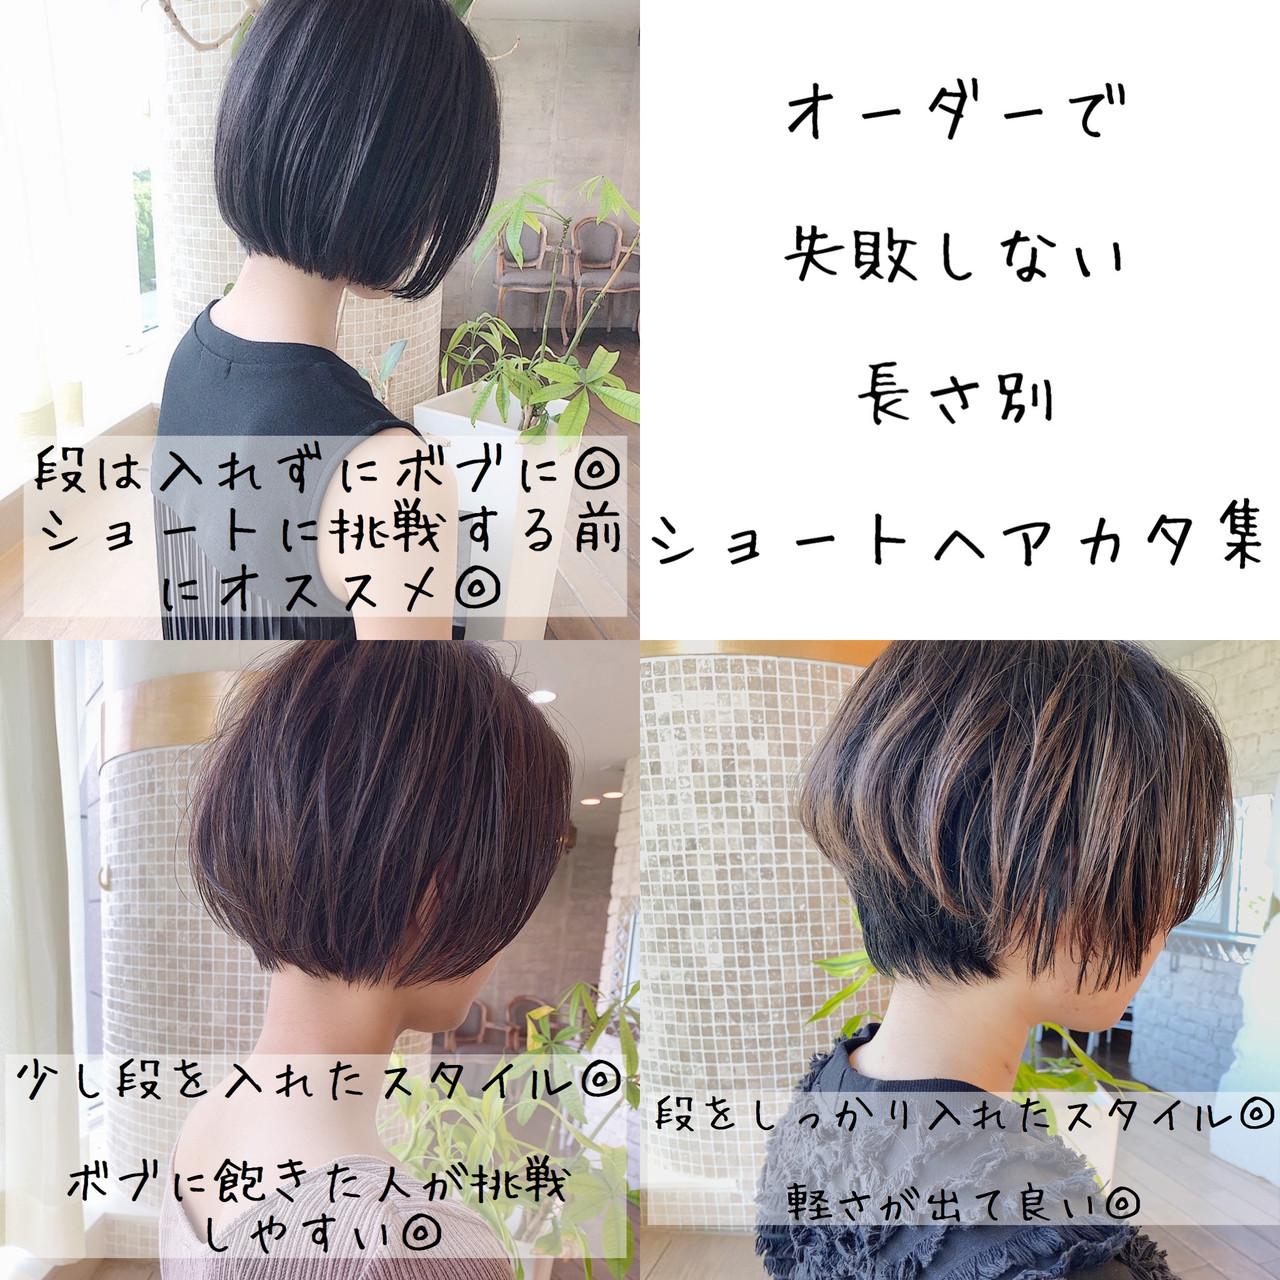 ナチュラル ショート ショートヘア ミニボブ ヘアスタイルや髪型の写真・画像